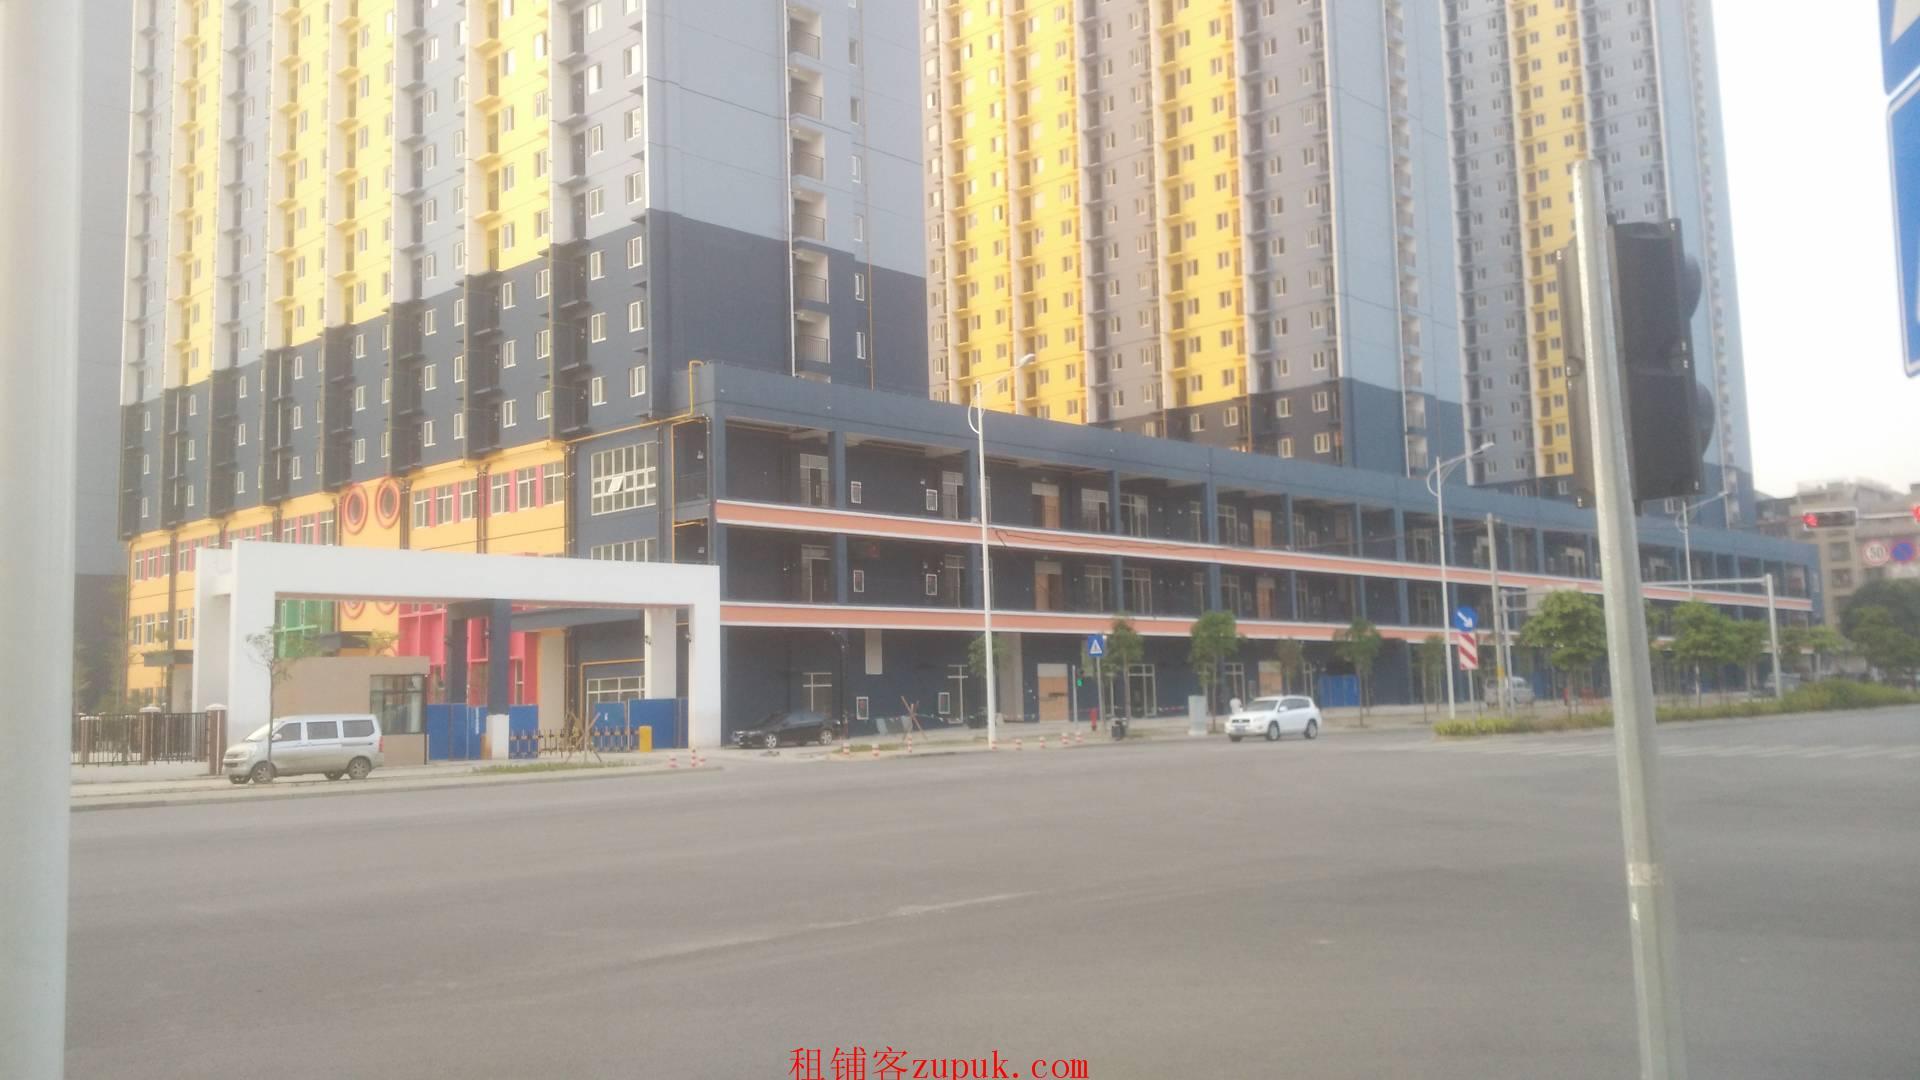 福利房楼下铺面,月租金14-22块钱每平米